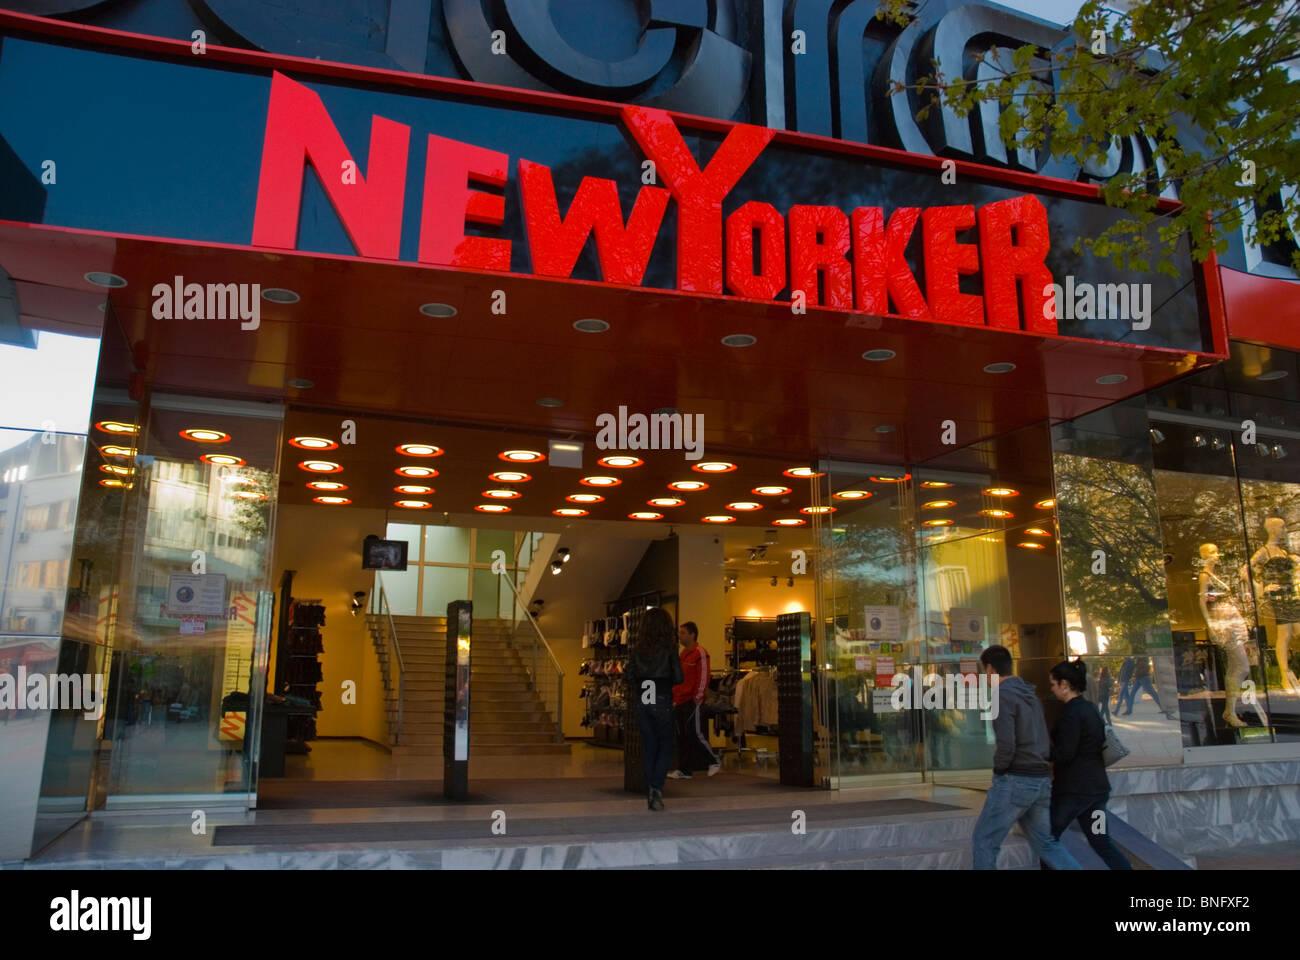 NewYorker abbigliamento fashion shop centrale di Varna il litorale del Mar  Nero in Bulgaria in Europa 6ca33e1c1843